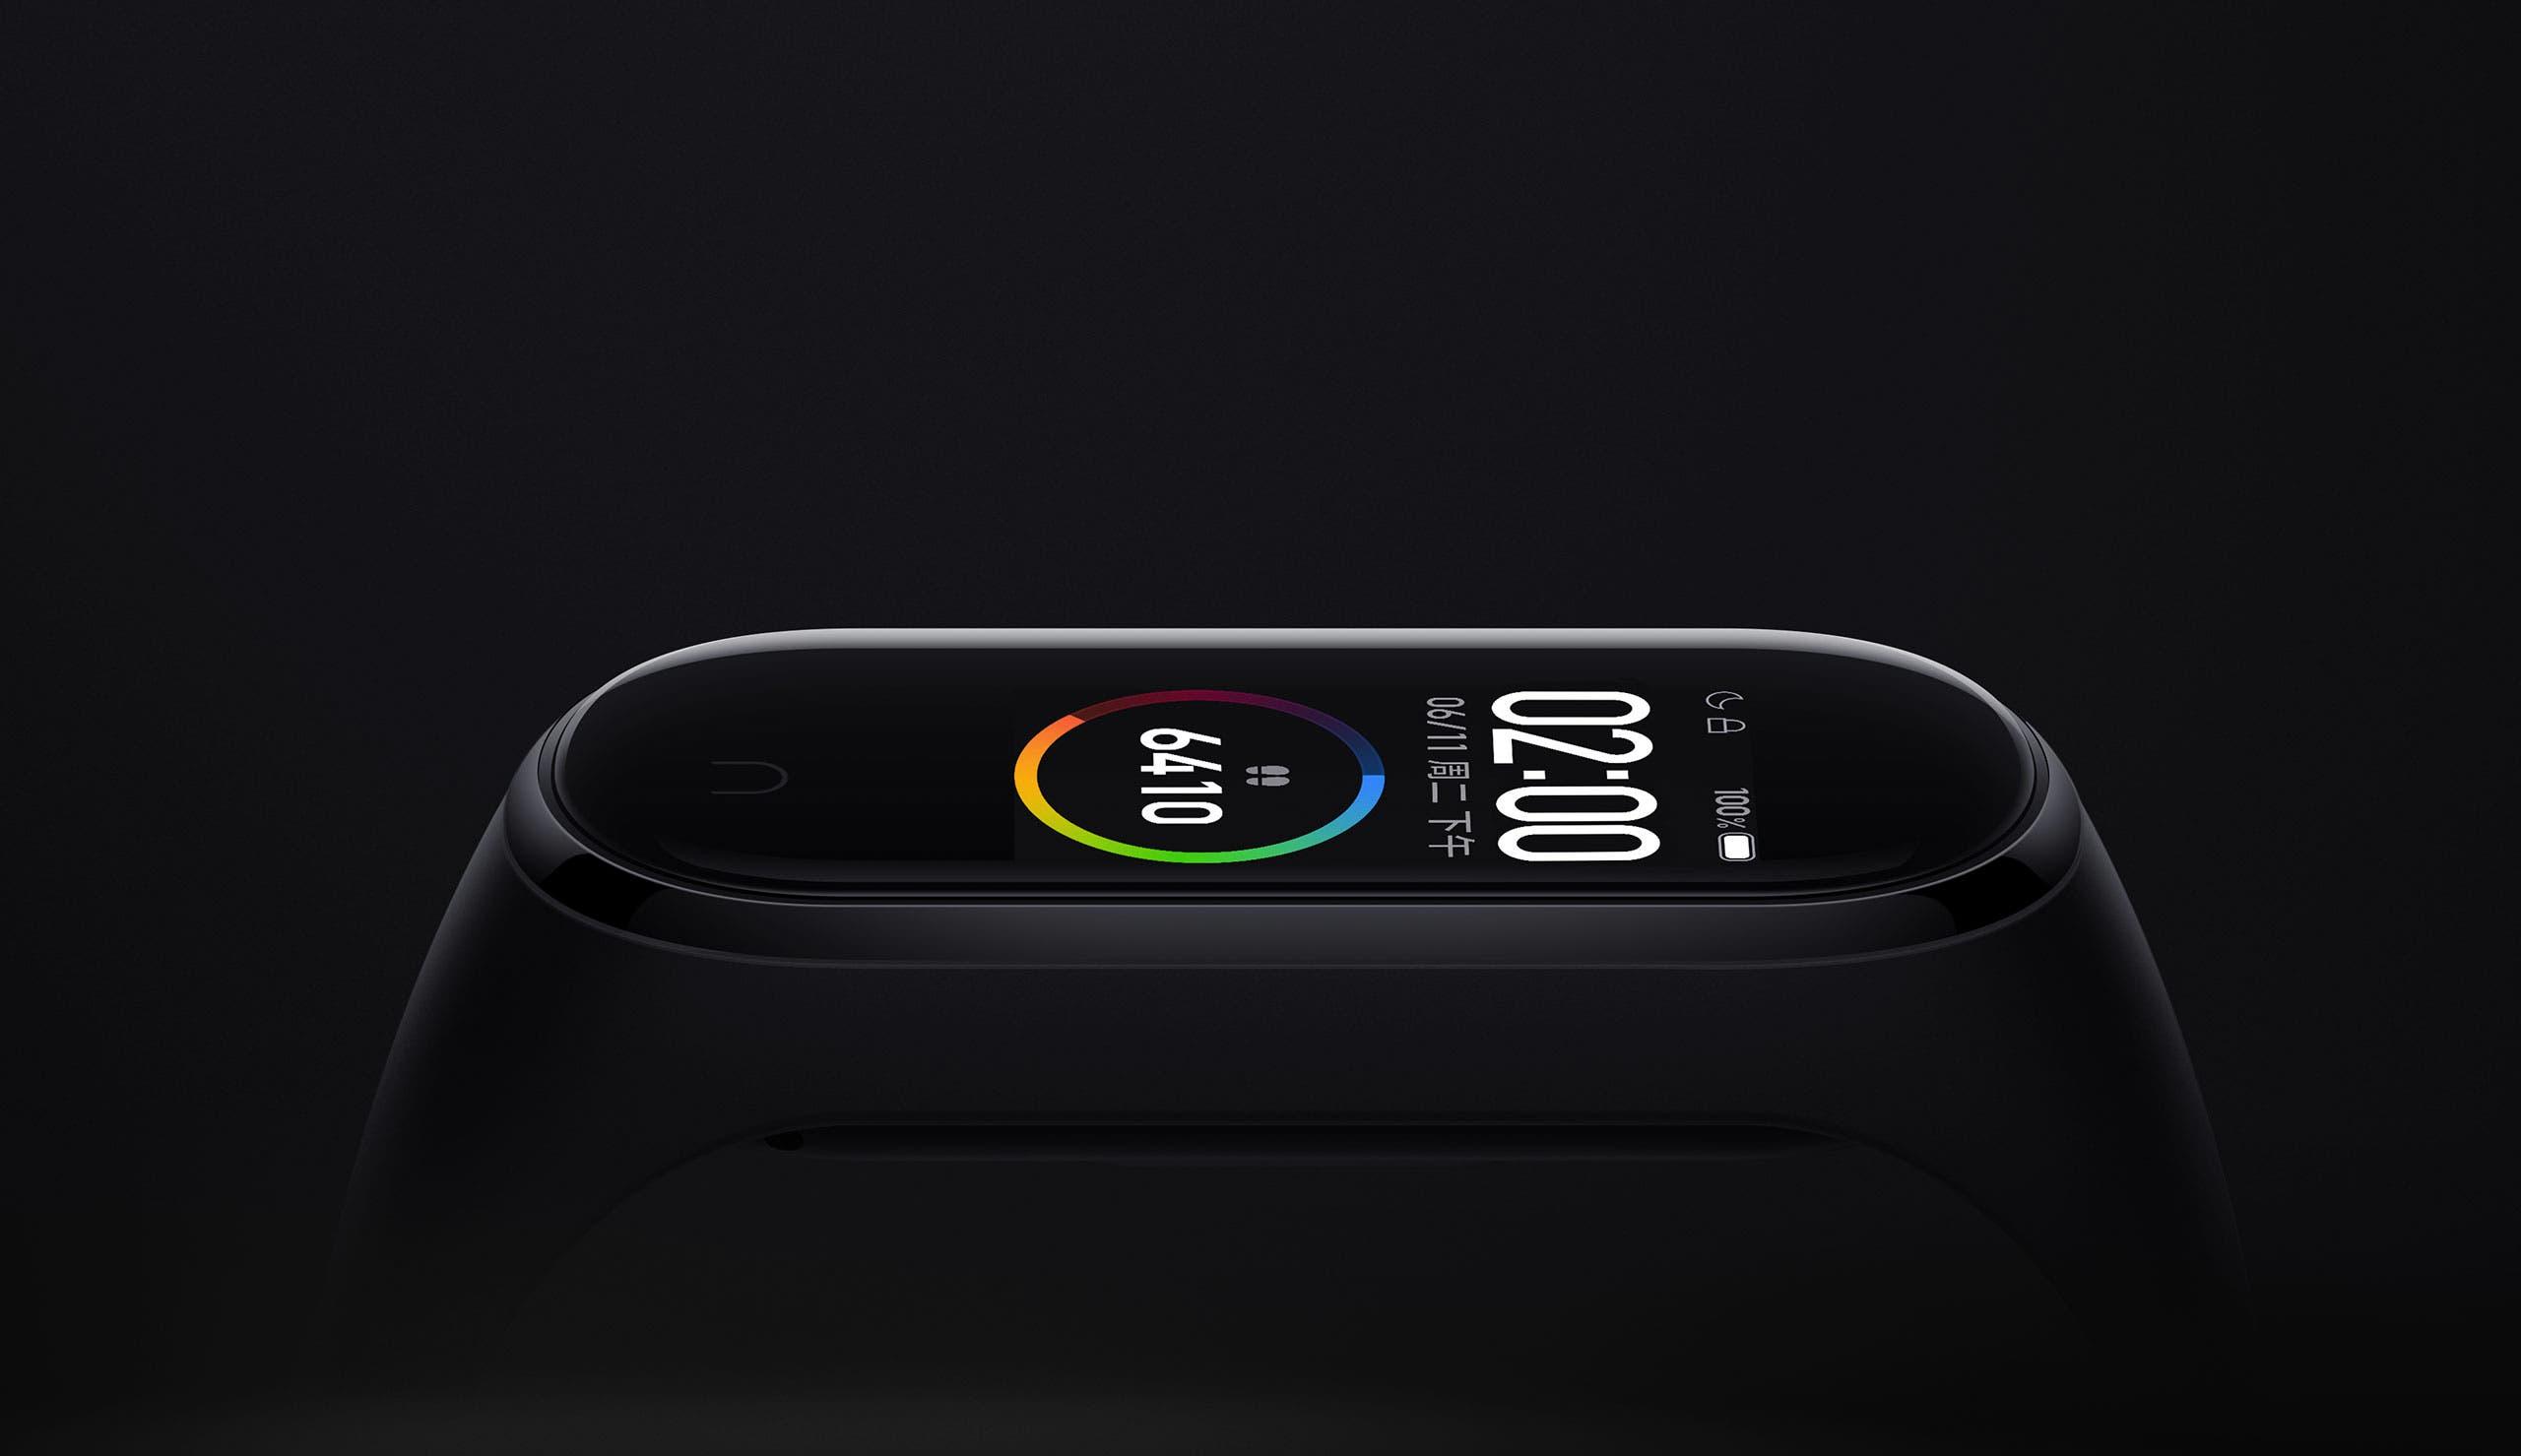 Xiaomi ya está trabajando en la Xiaomi Mi Band 5, ¿qué novedades podría traer?